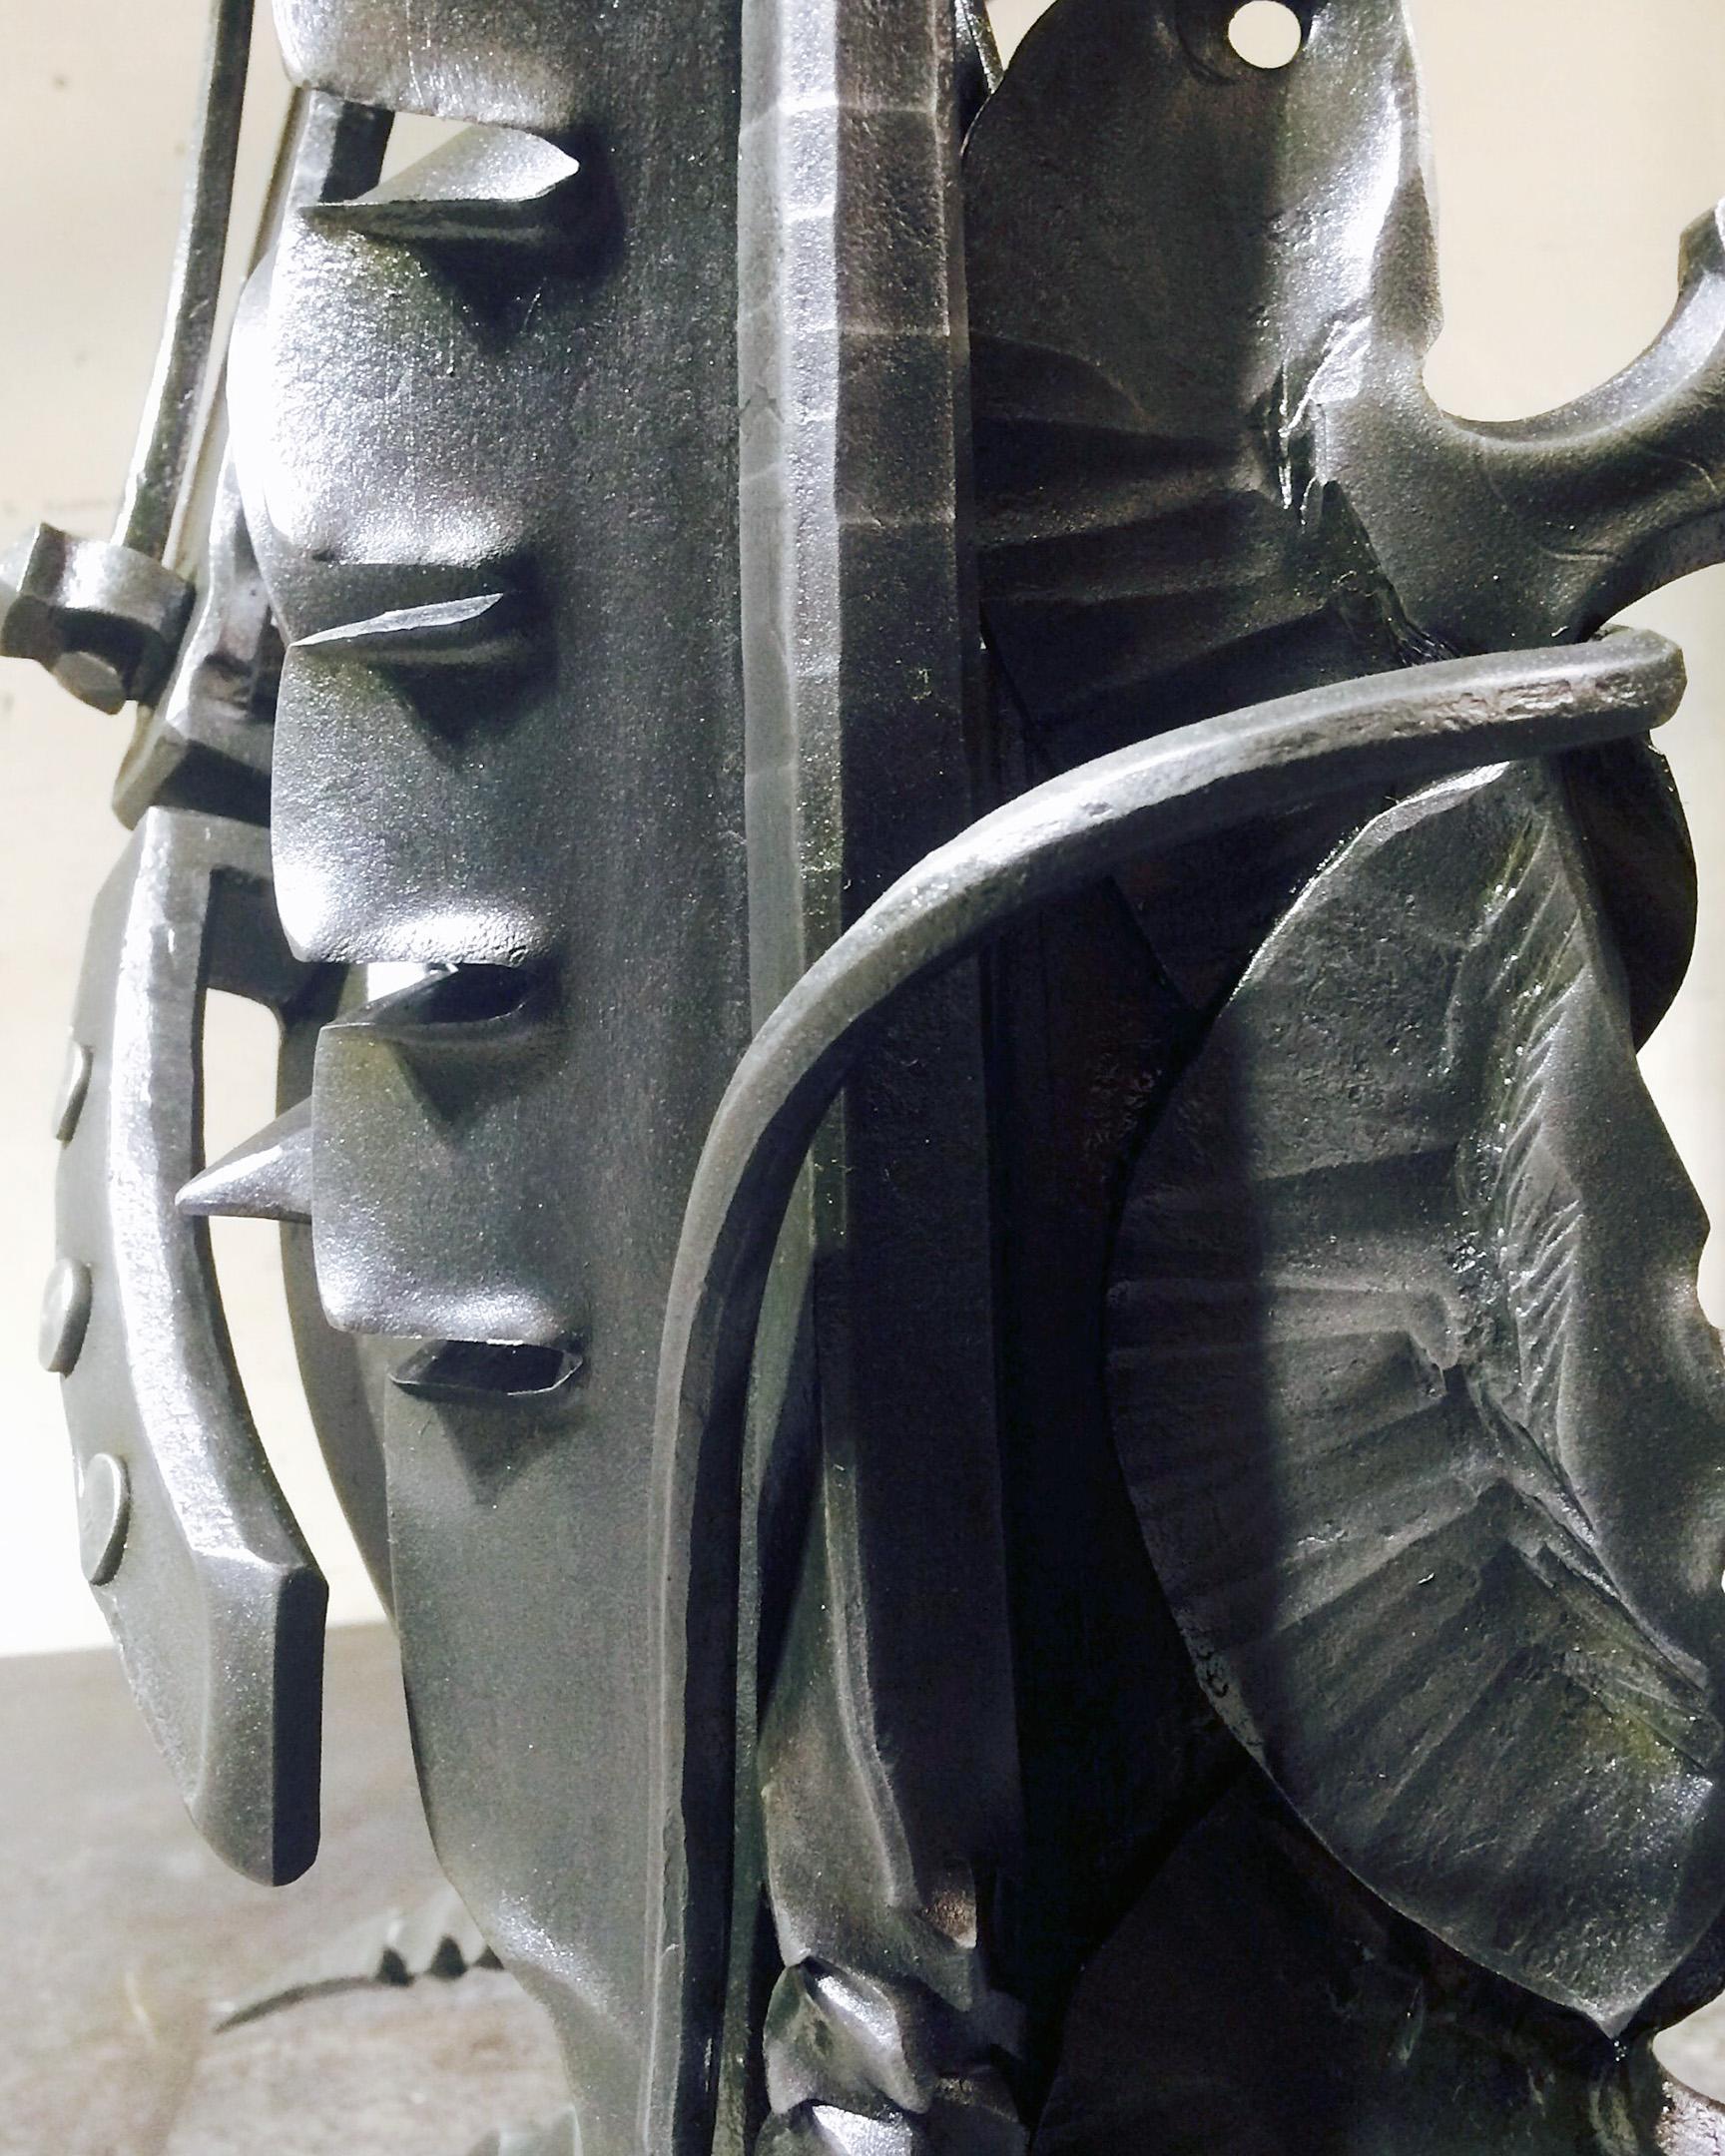 Pete-Mattila-small-sculpture-detail-0-edit.jpg